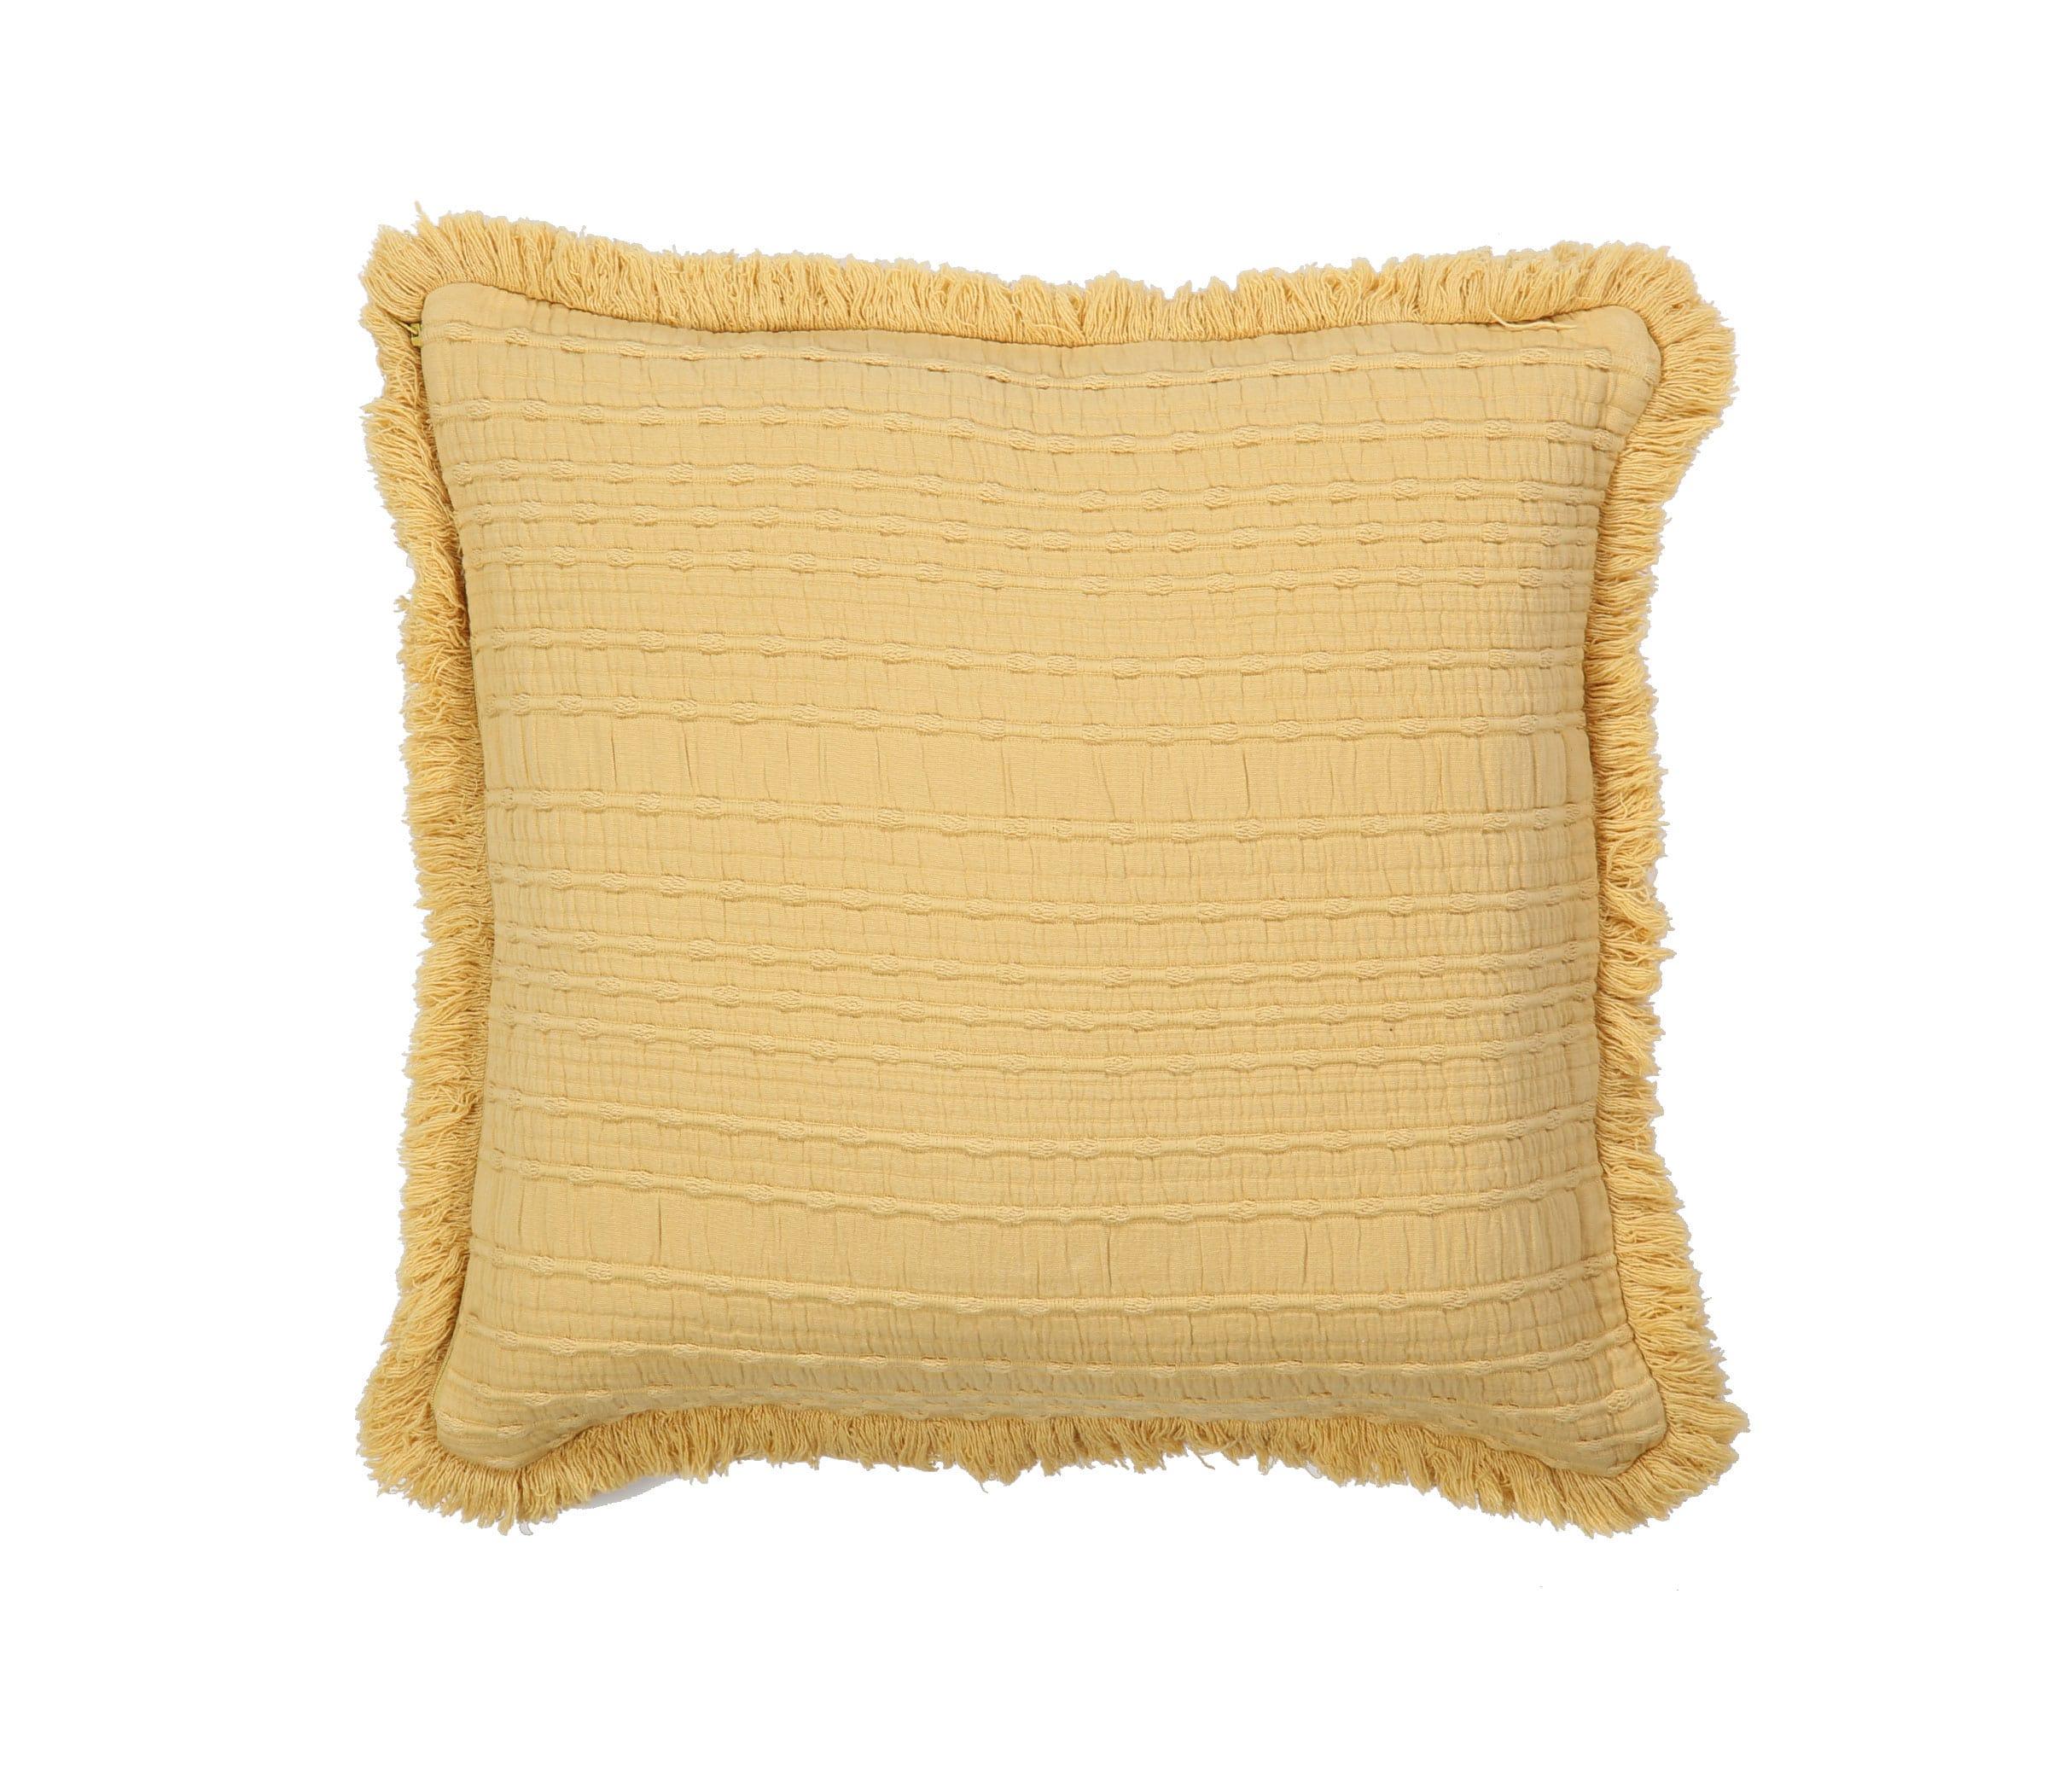 Μαξιλάρι Διακοσμητικό (Με Γέμιση) Madison Mustard Nef-Nef 50X50 100% Polyester